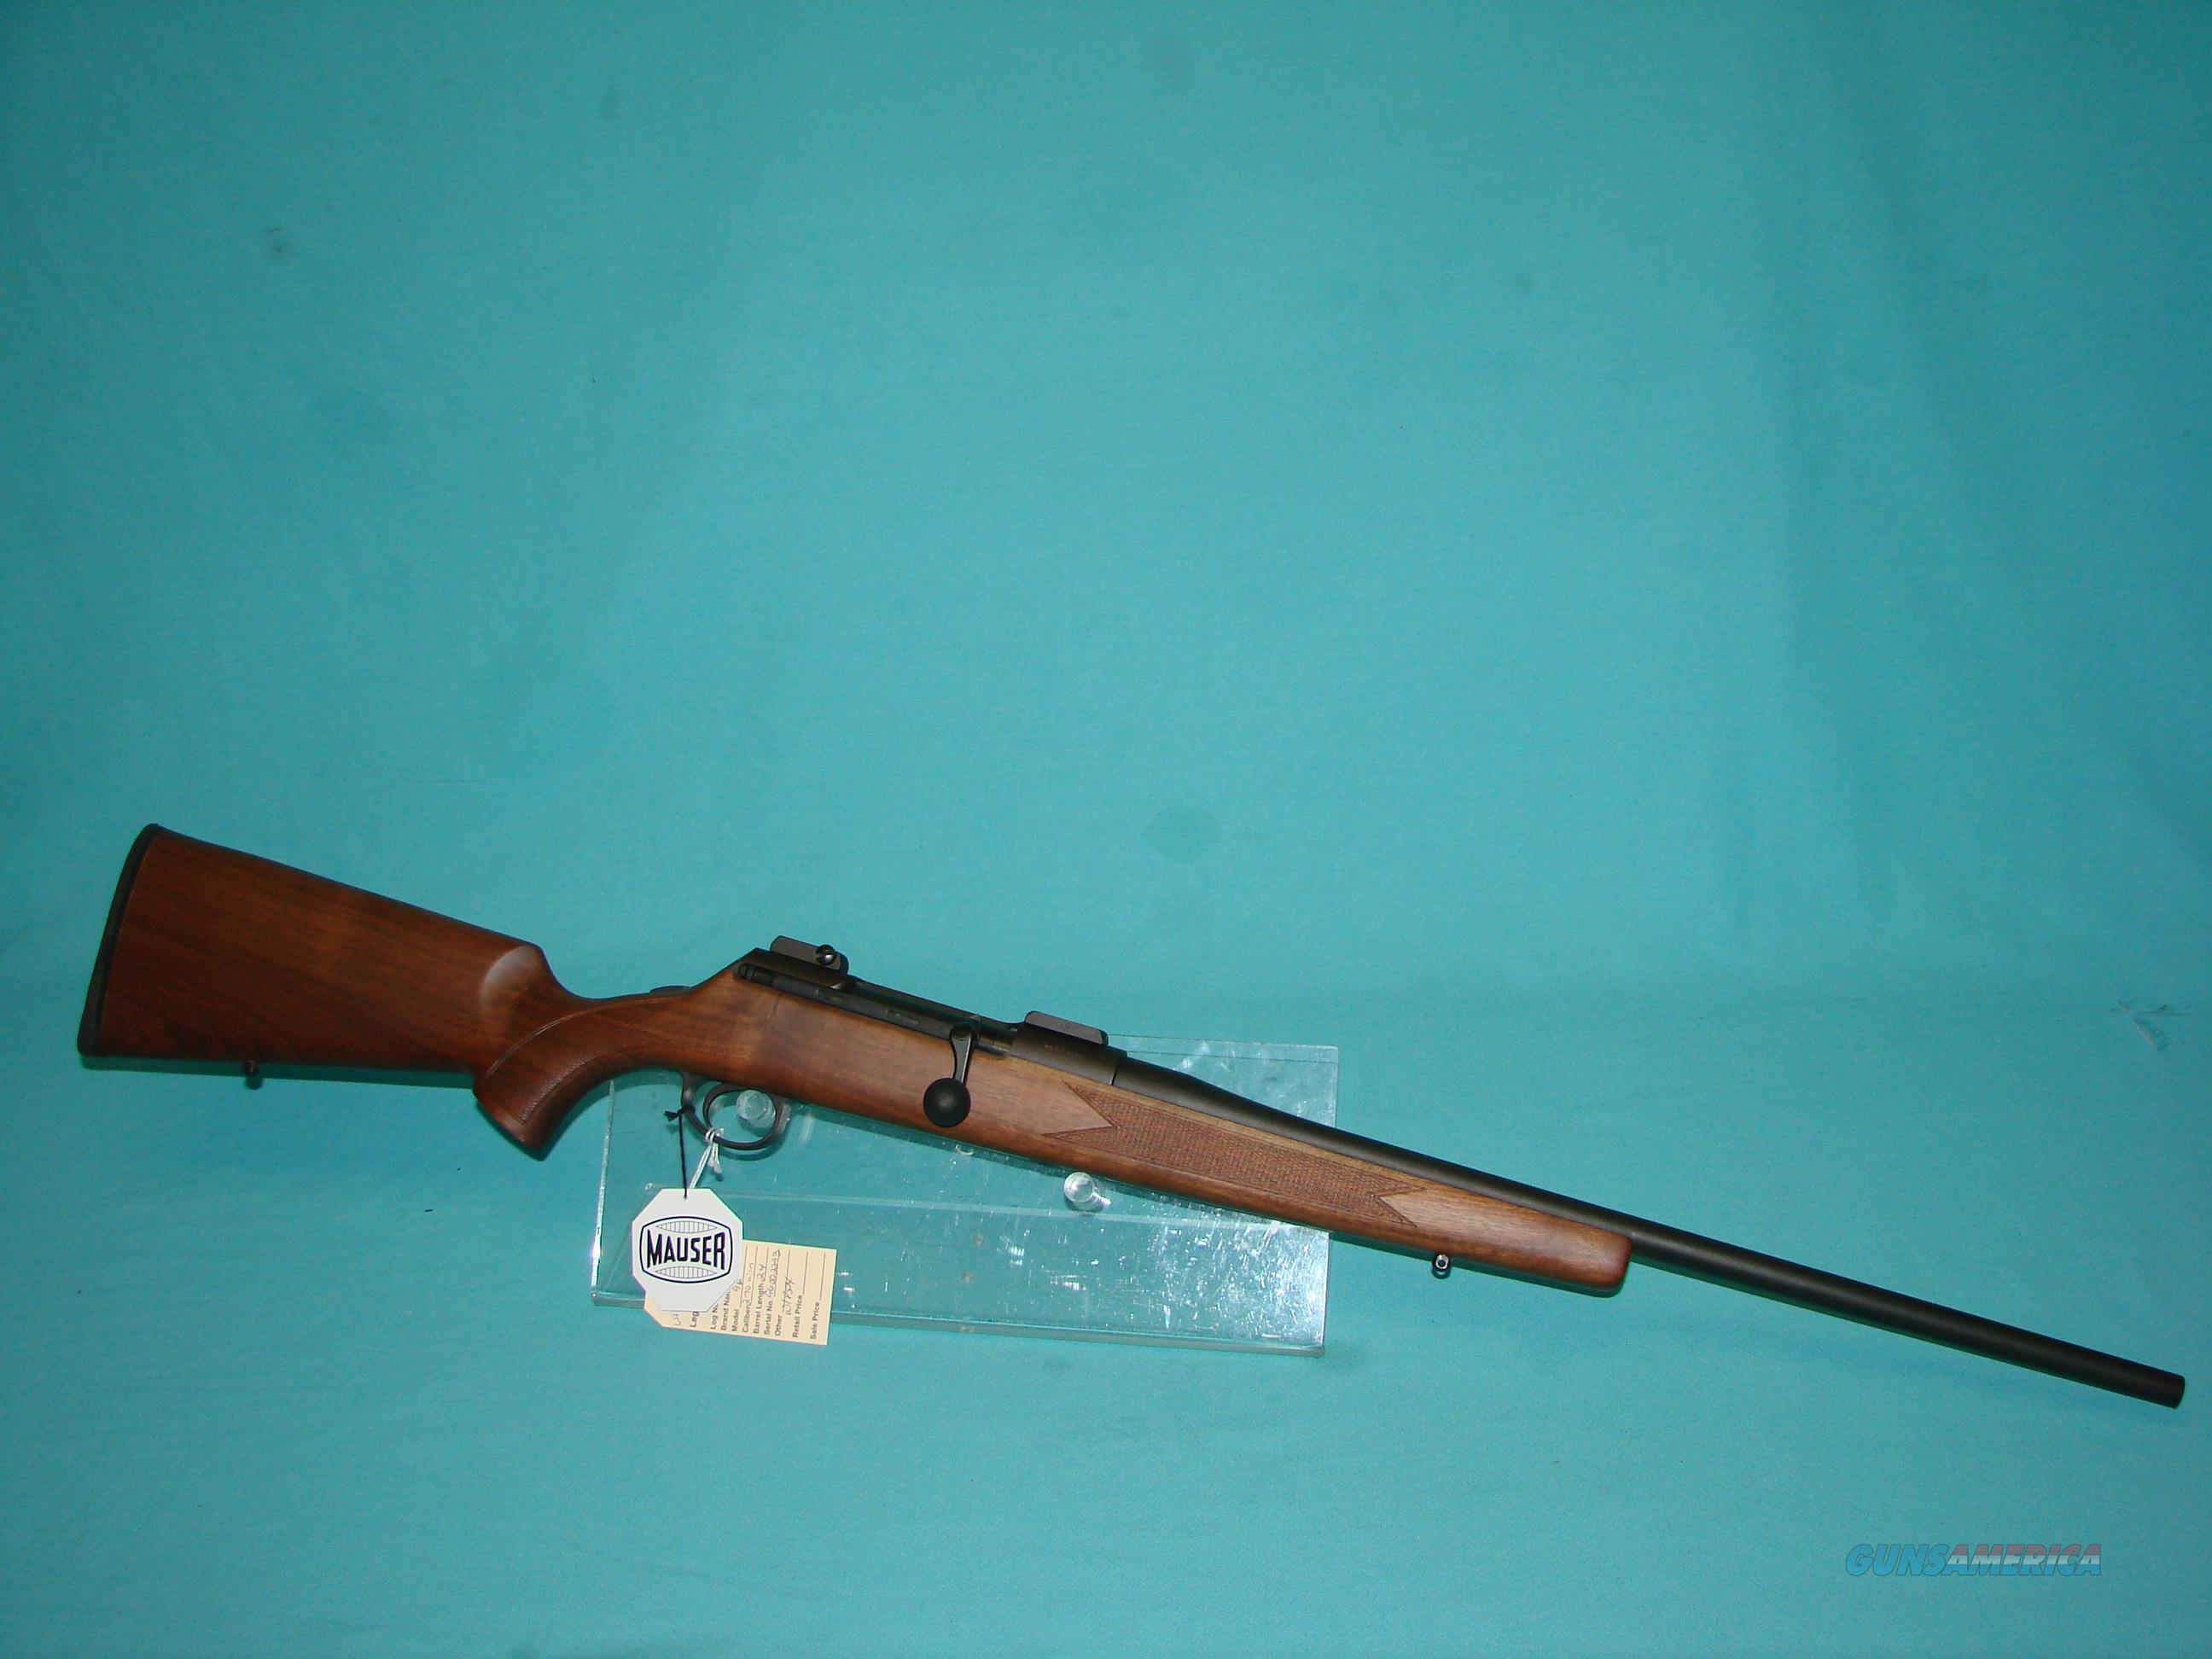 Mauser 96 .270Win  Guns > Rifles > Mauser Rifles > German